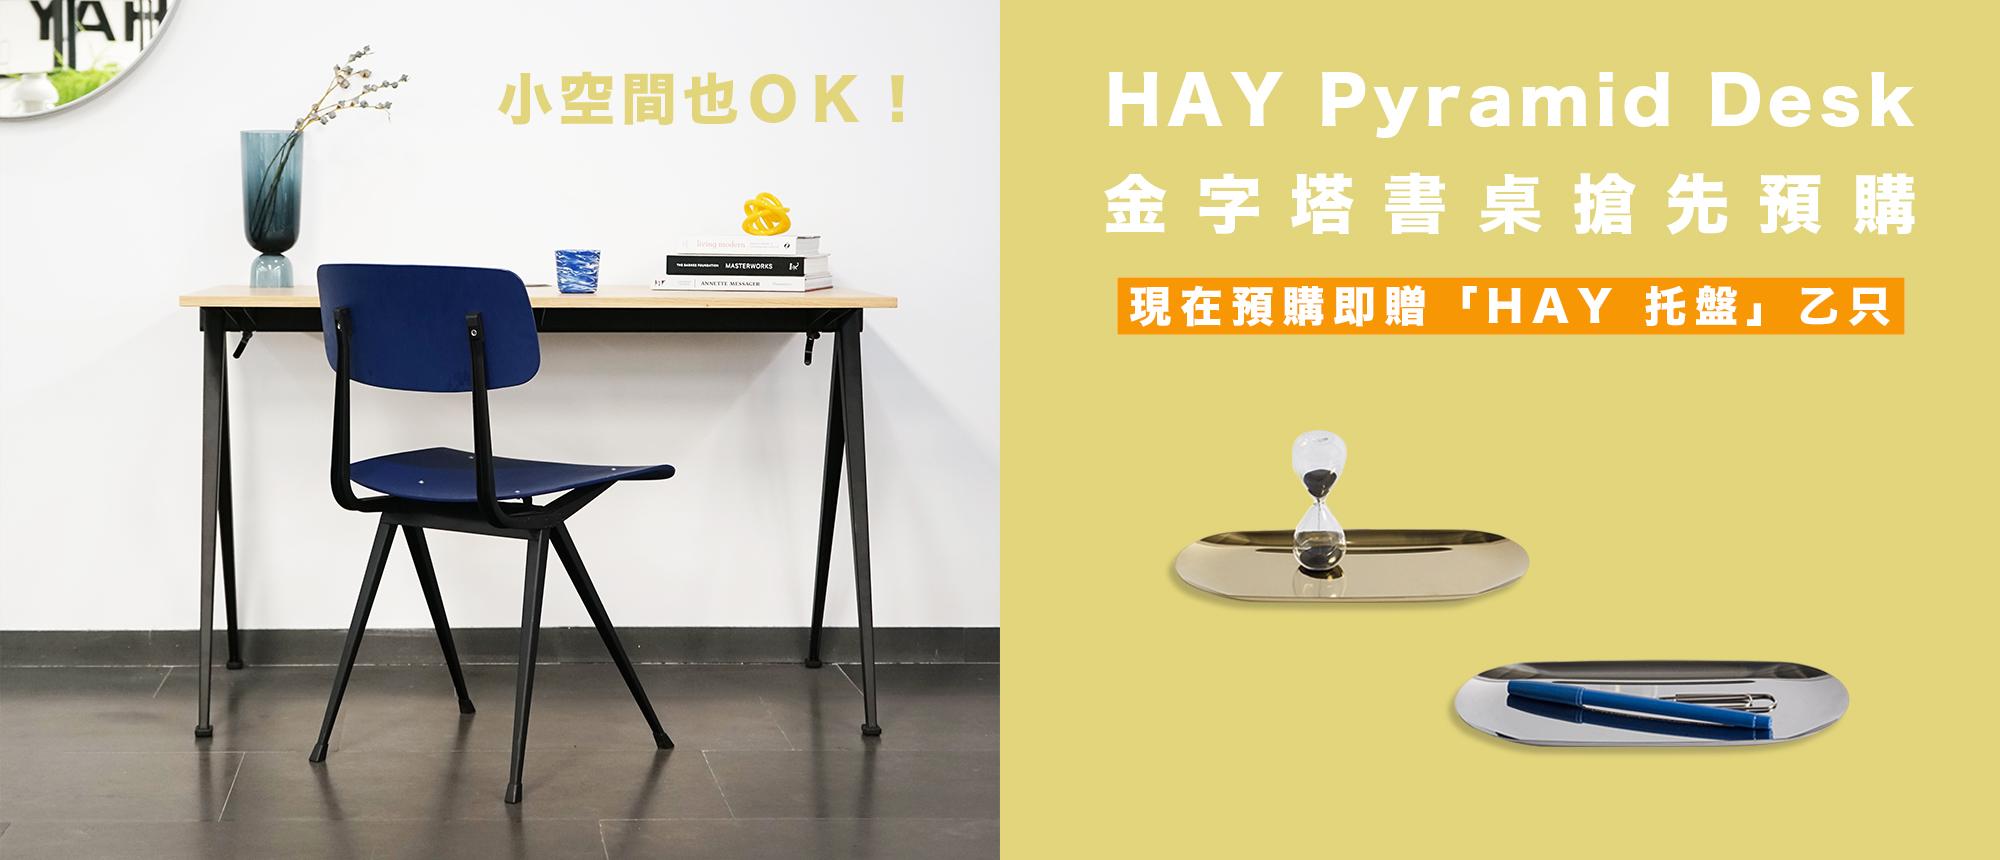 HAY 金字塔書桌預購優惠